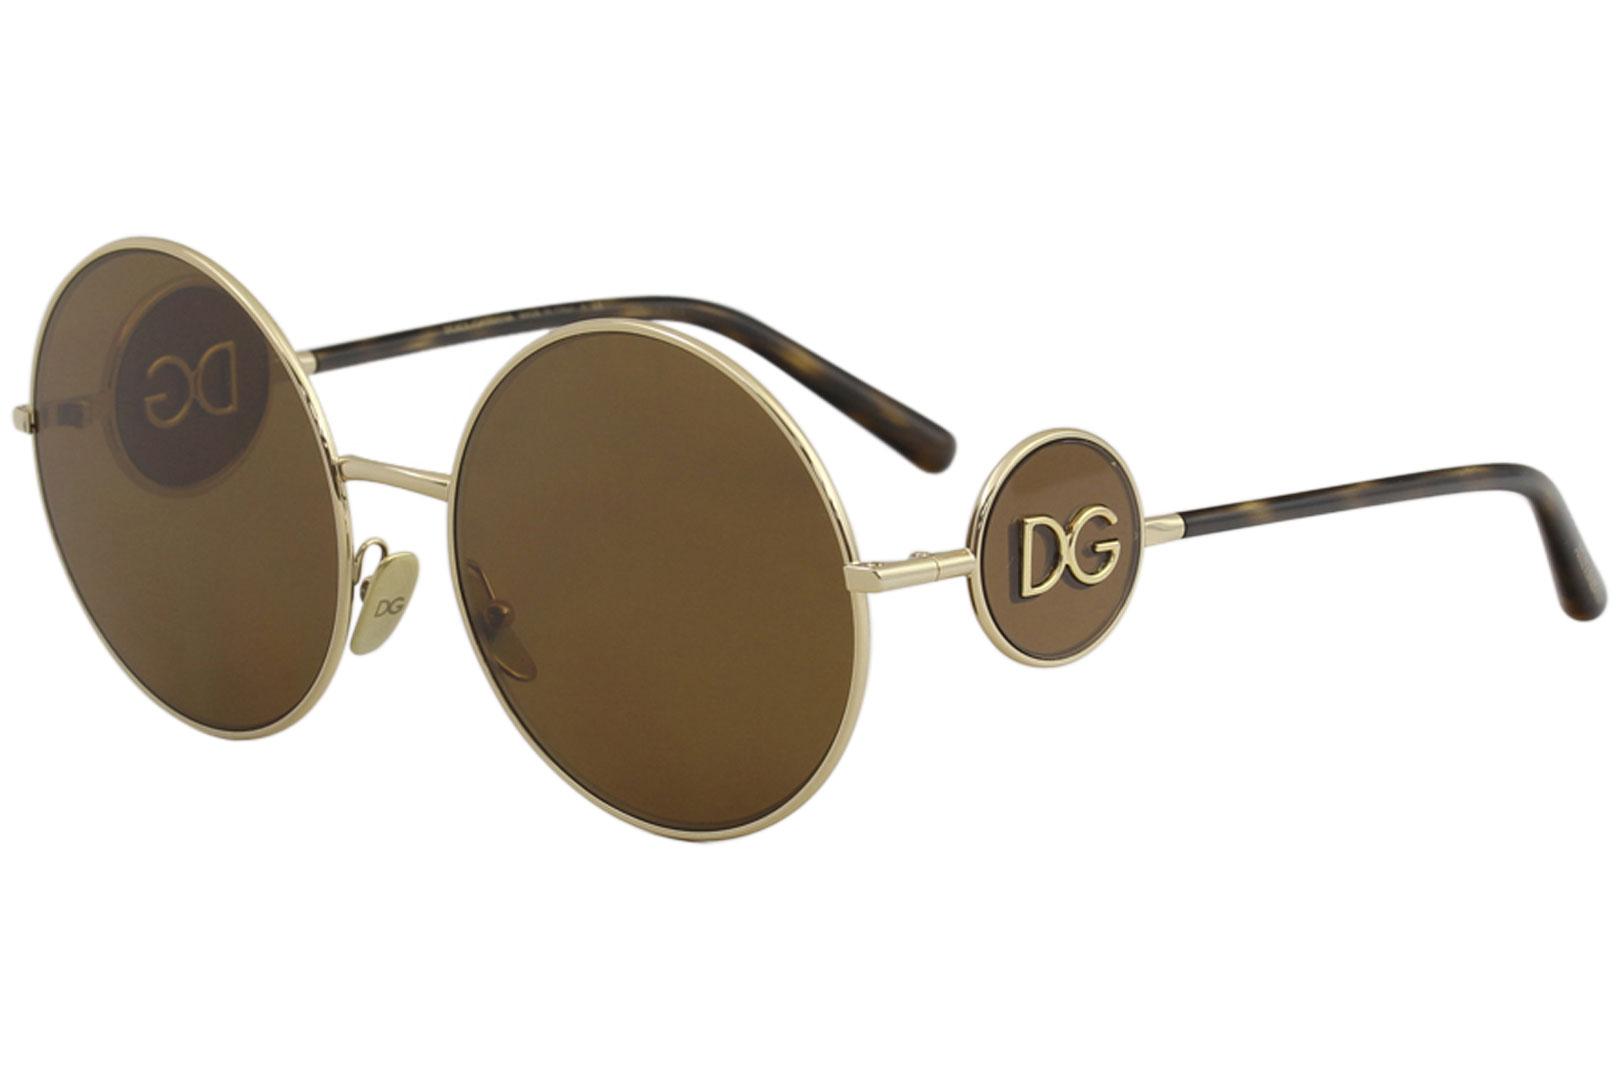 da5534fb78bfb Dolce   Gabbana Women s D G DG2205 DG 2205 02 73 Gold Round ...